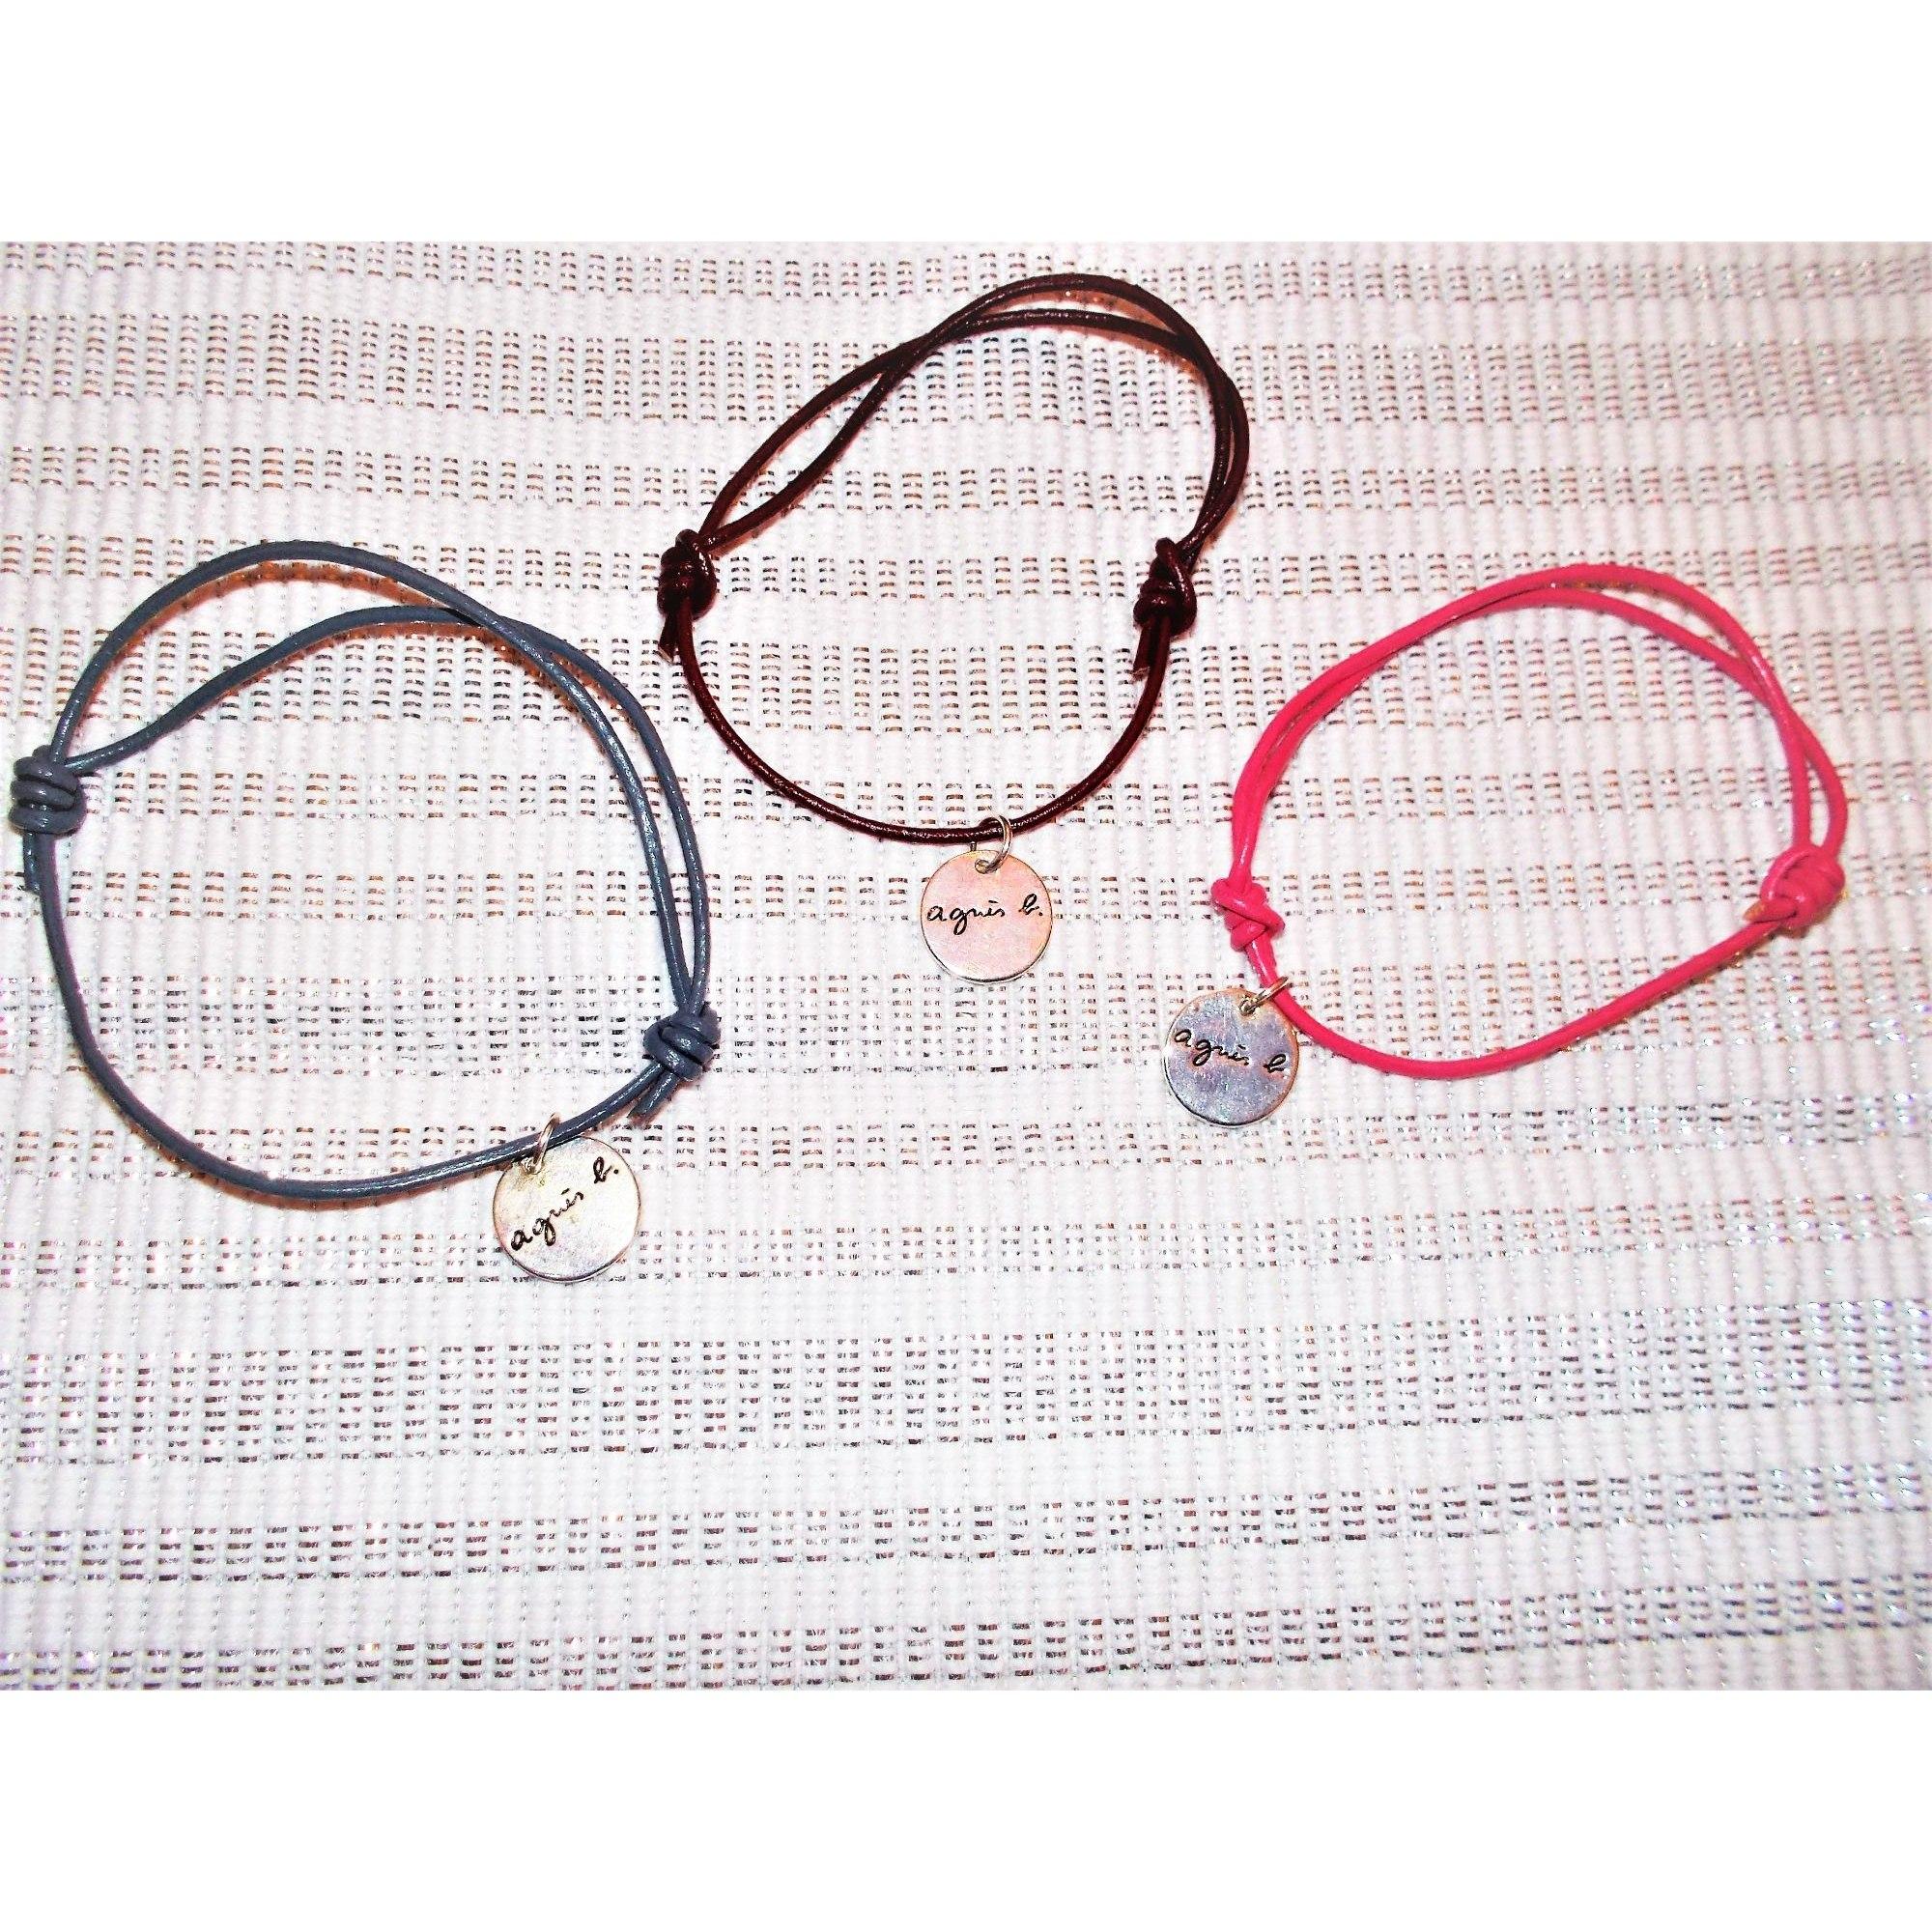 Bracelet AGNÈS B. Multicouleur